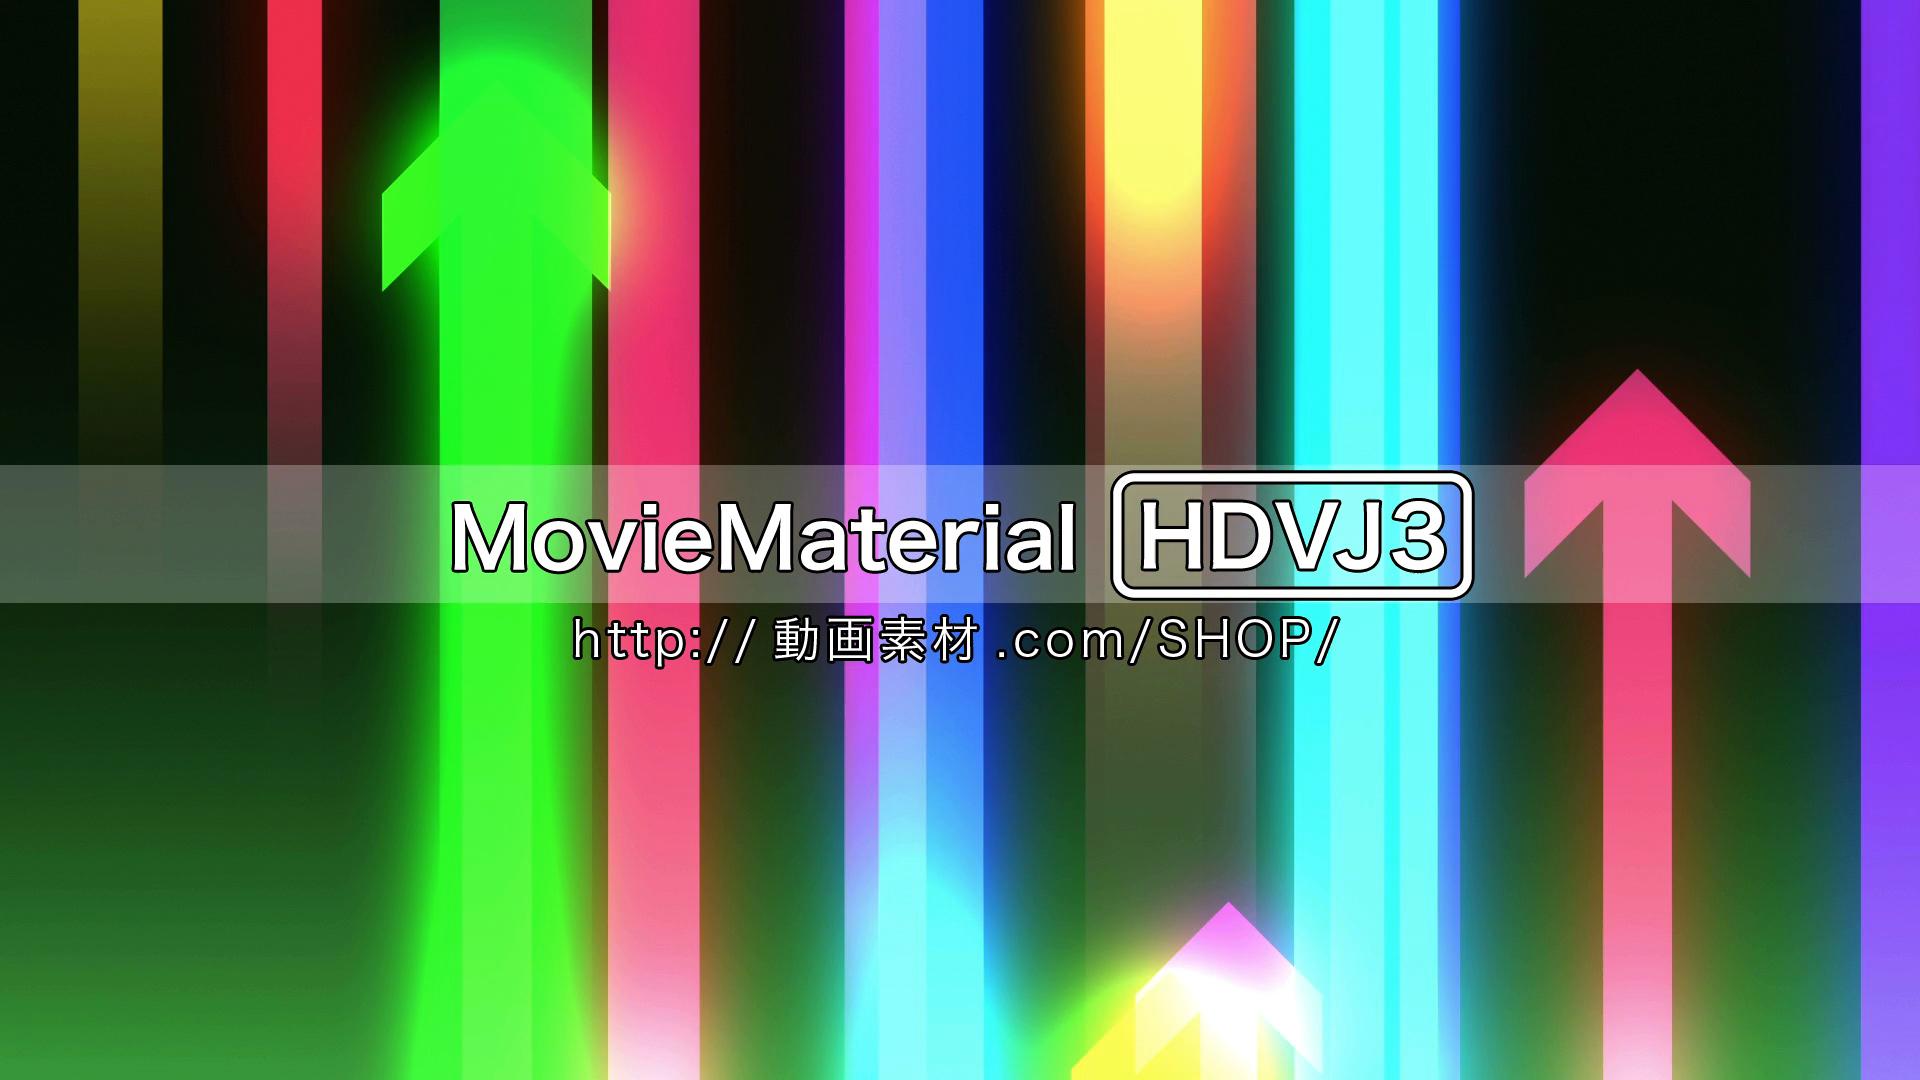 フルハイビジョン動画素材集第3段【MovieMaterial HDVJ3】ロイヤリティフリー(著作権使用料無料)6